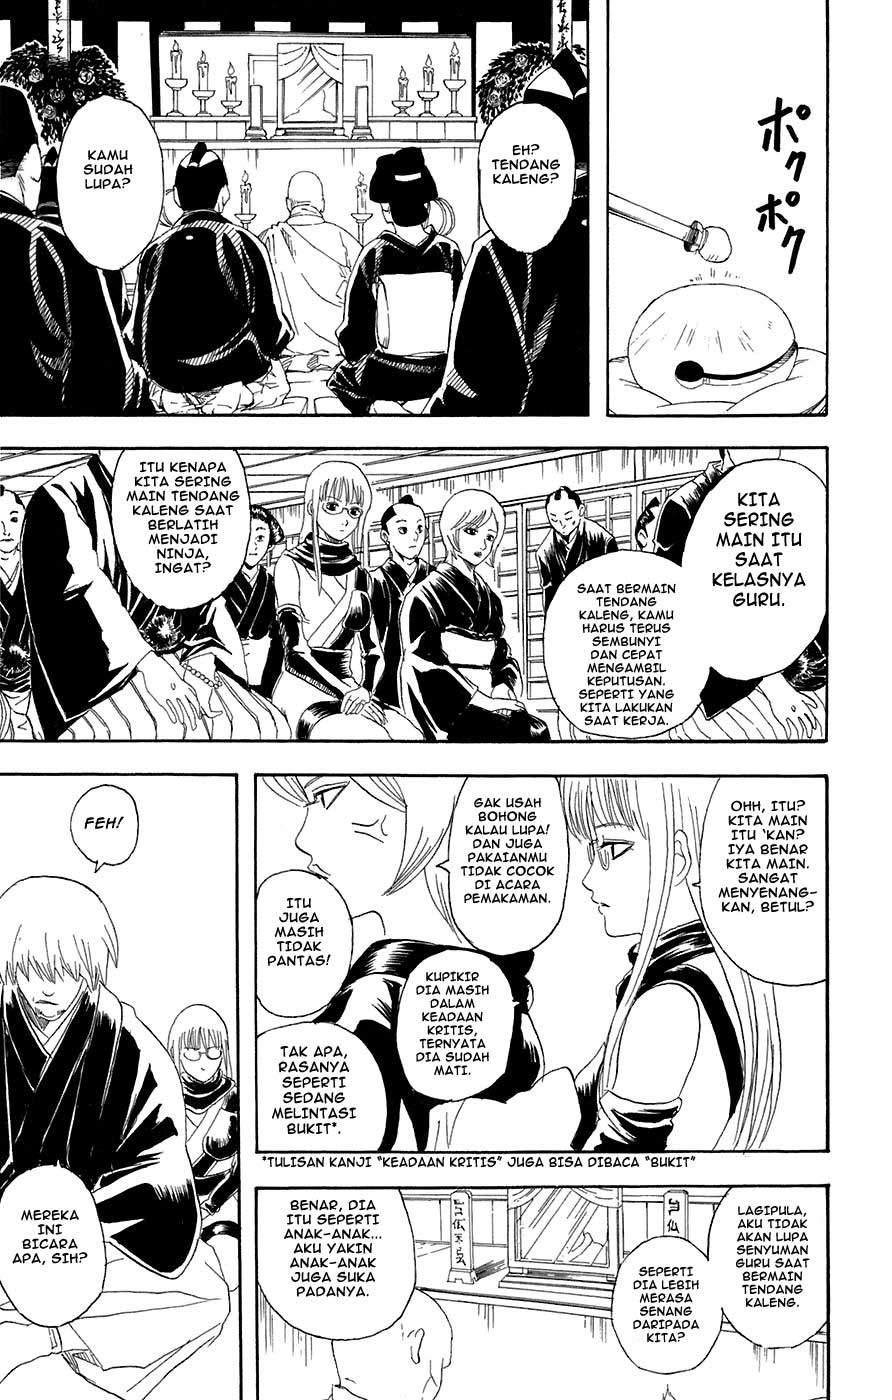 Dilarang COPAS - situs resmi www.mangacanblog.com - Komik gintama 076 - chapter 76 77 Indonesia gintama 076 - chapter 76 Terbaru 14|Baca Manga Komik Indonesia|Mangacan